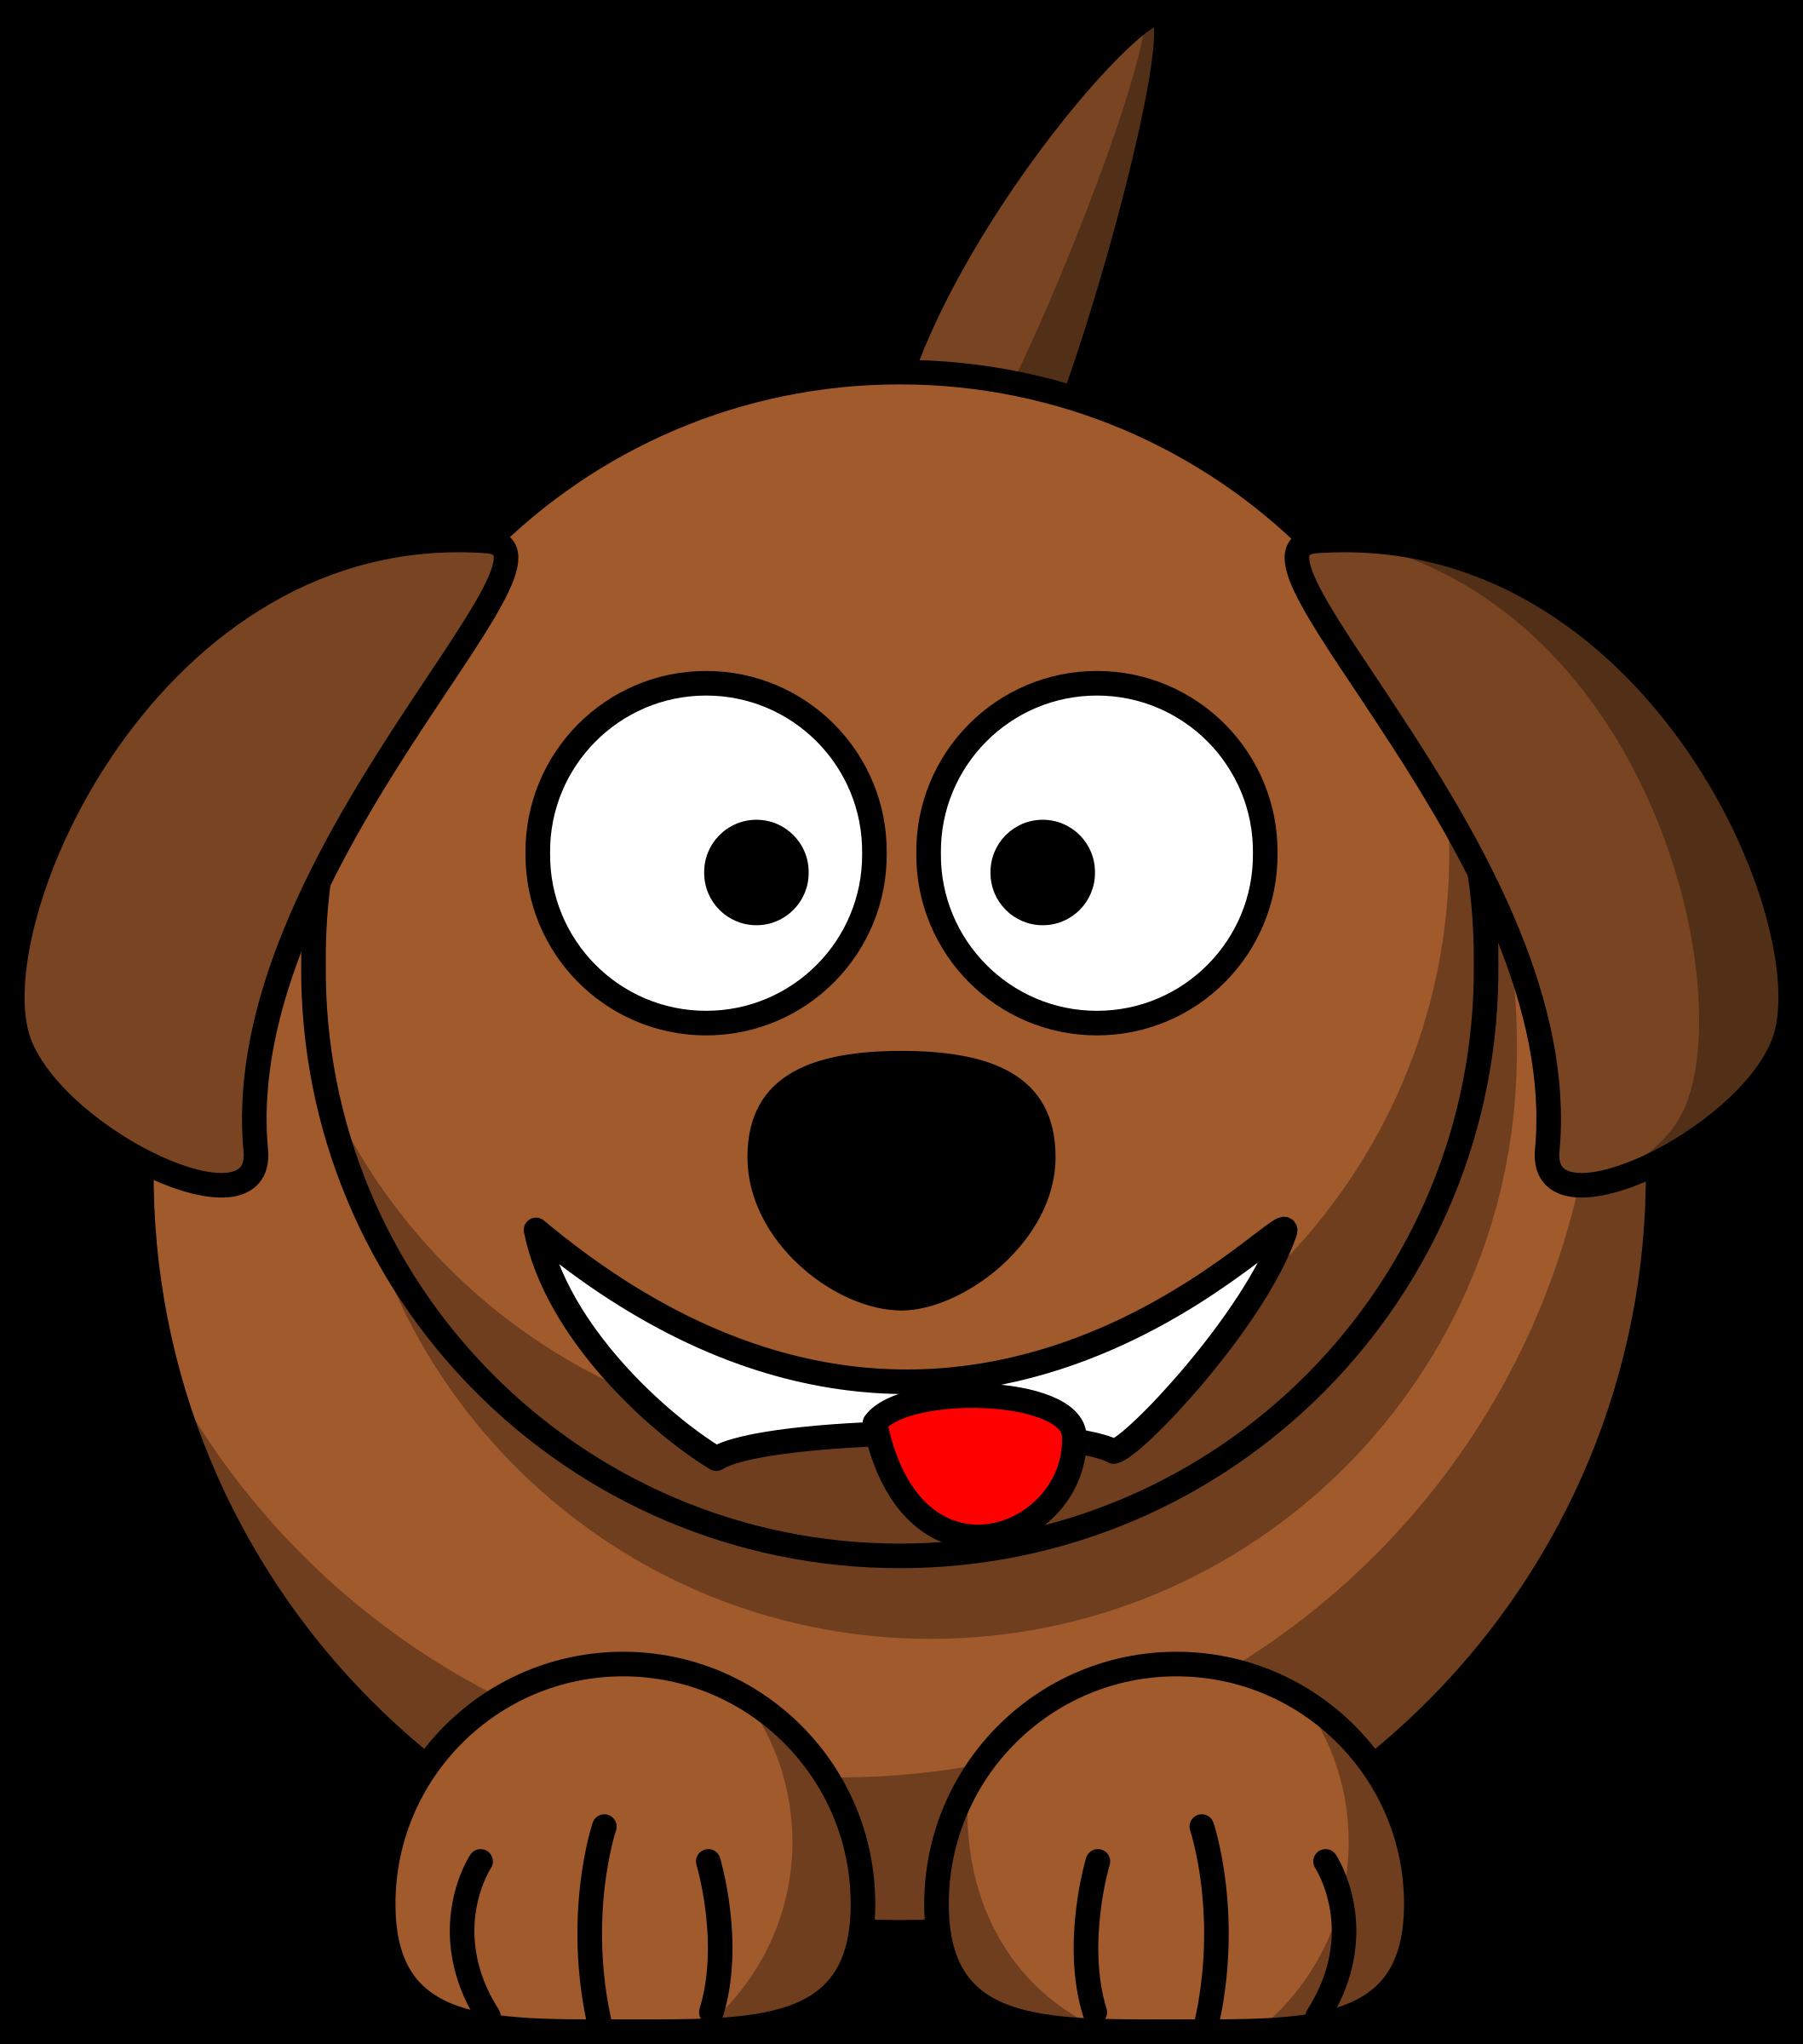 Cartoon dog laughing or smiling